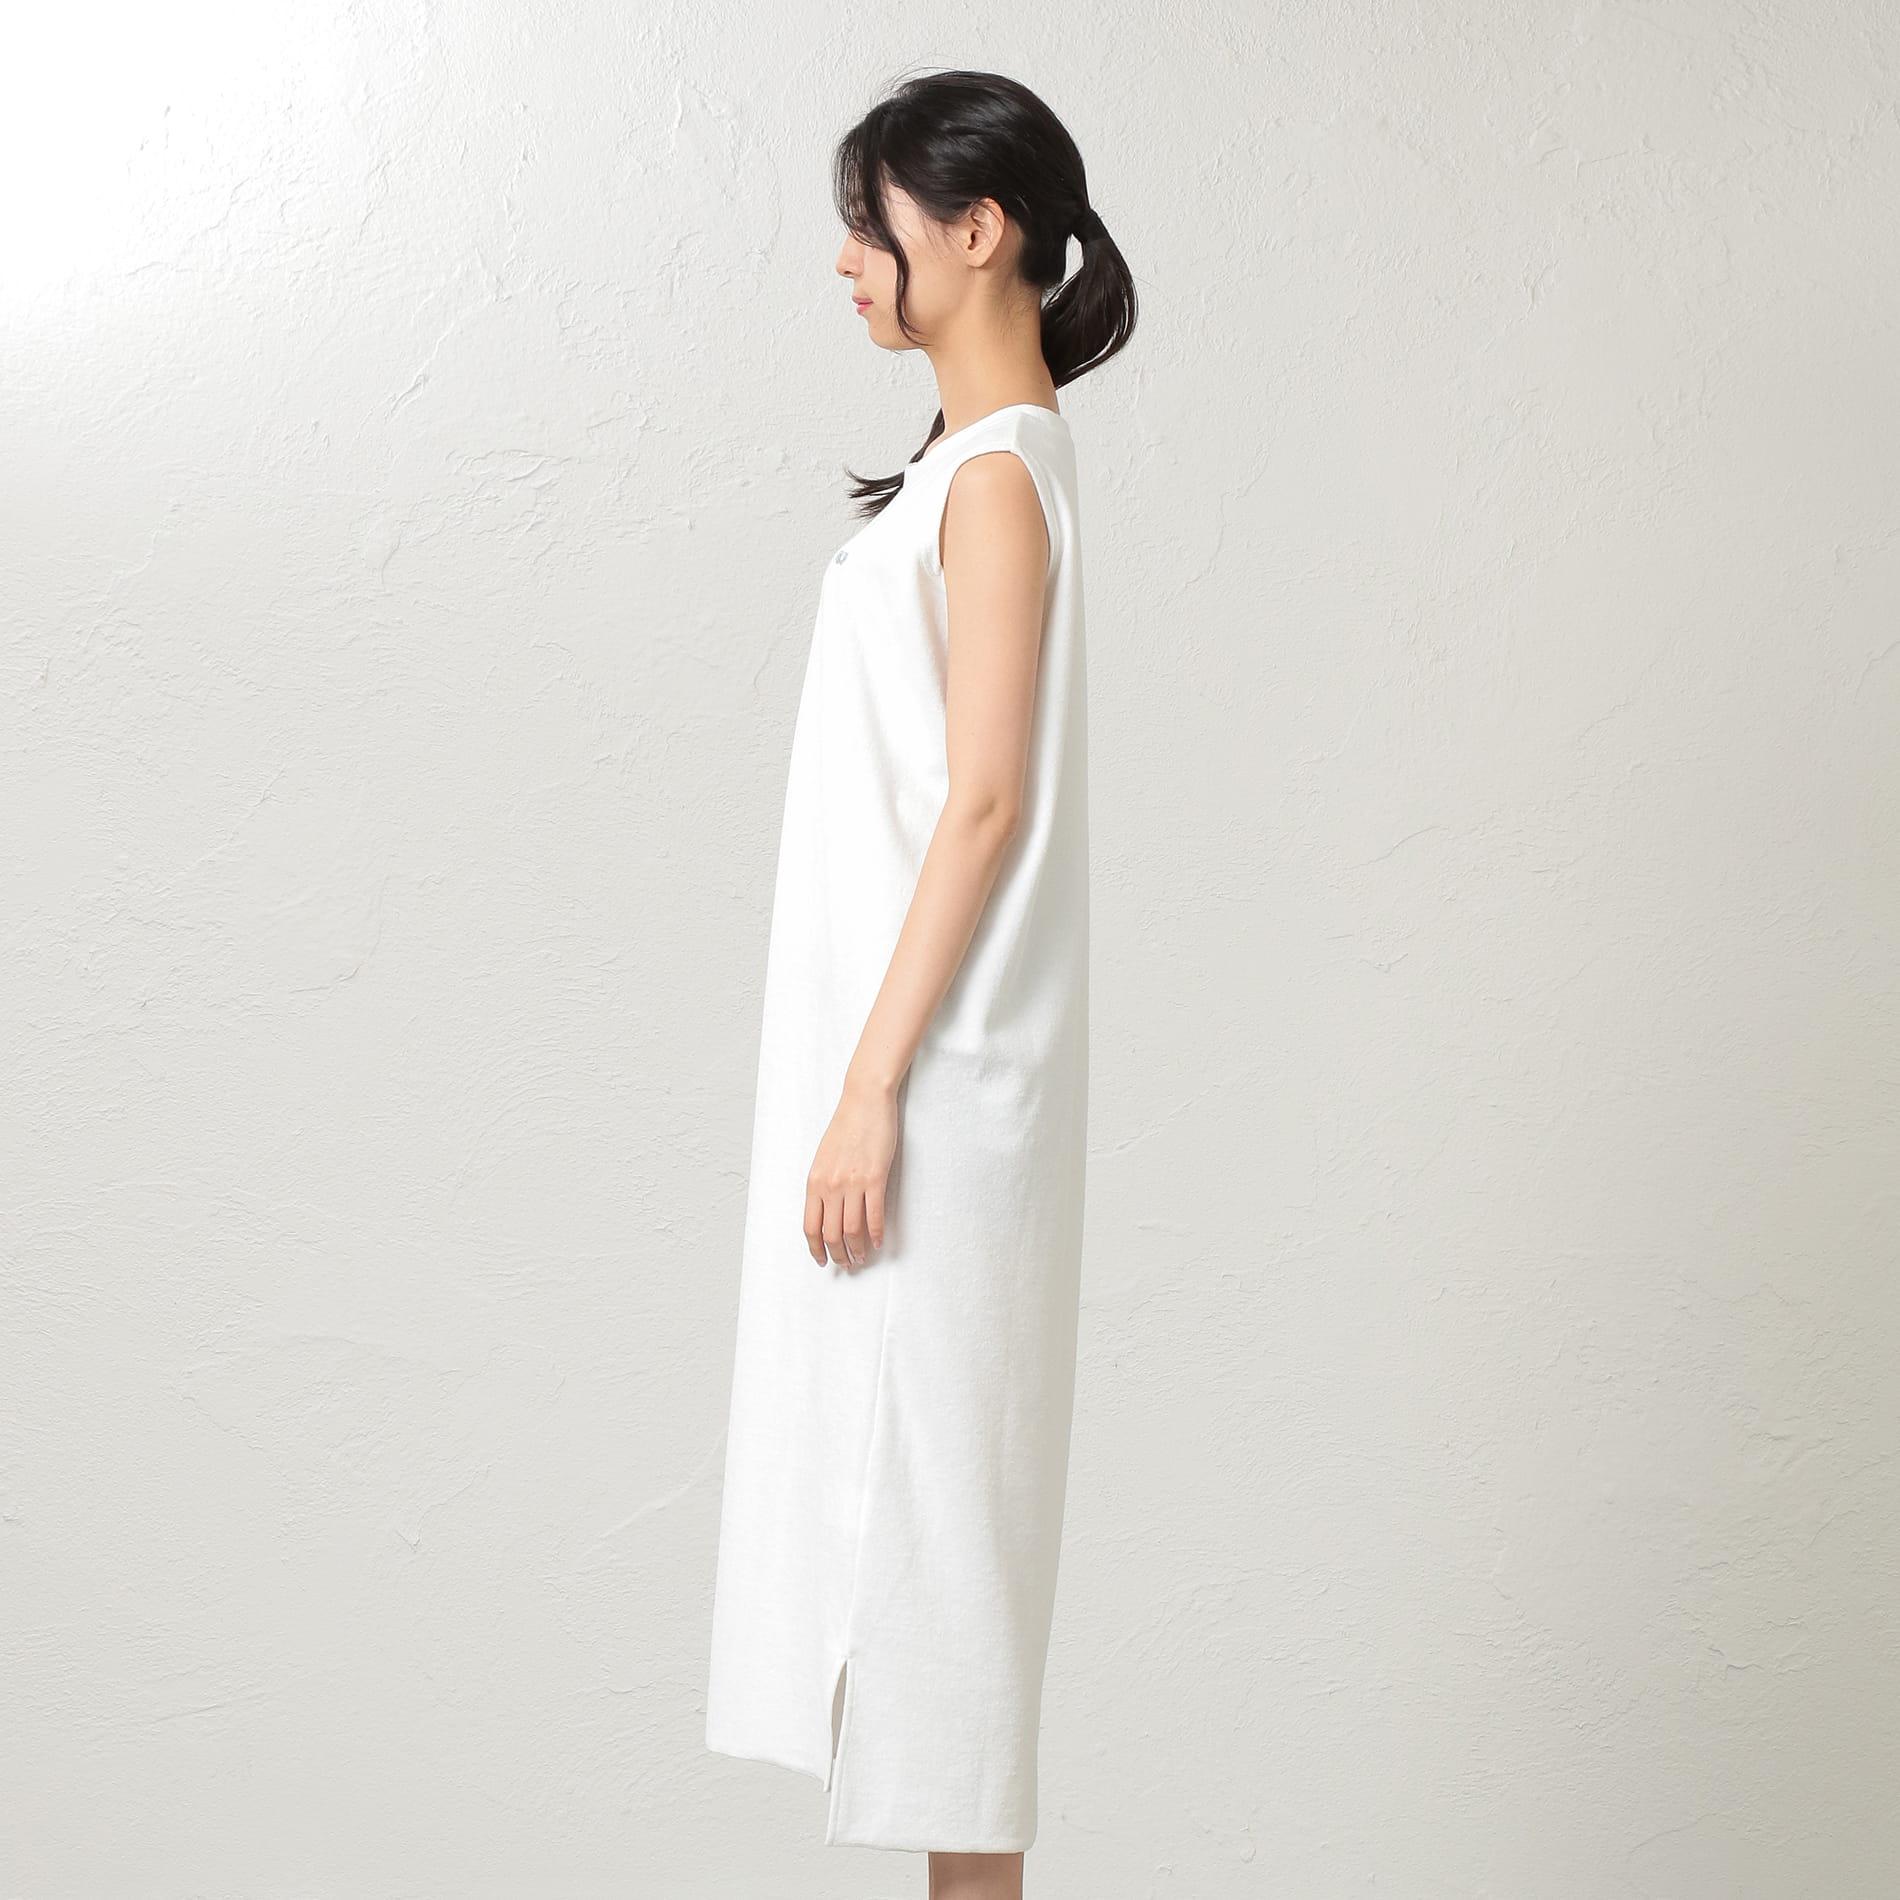 【LOVELESS×FRUIT OF THE LOOM】WOMEN フルーツオブザルームパイルドレス